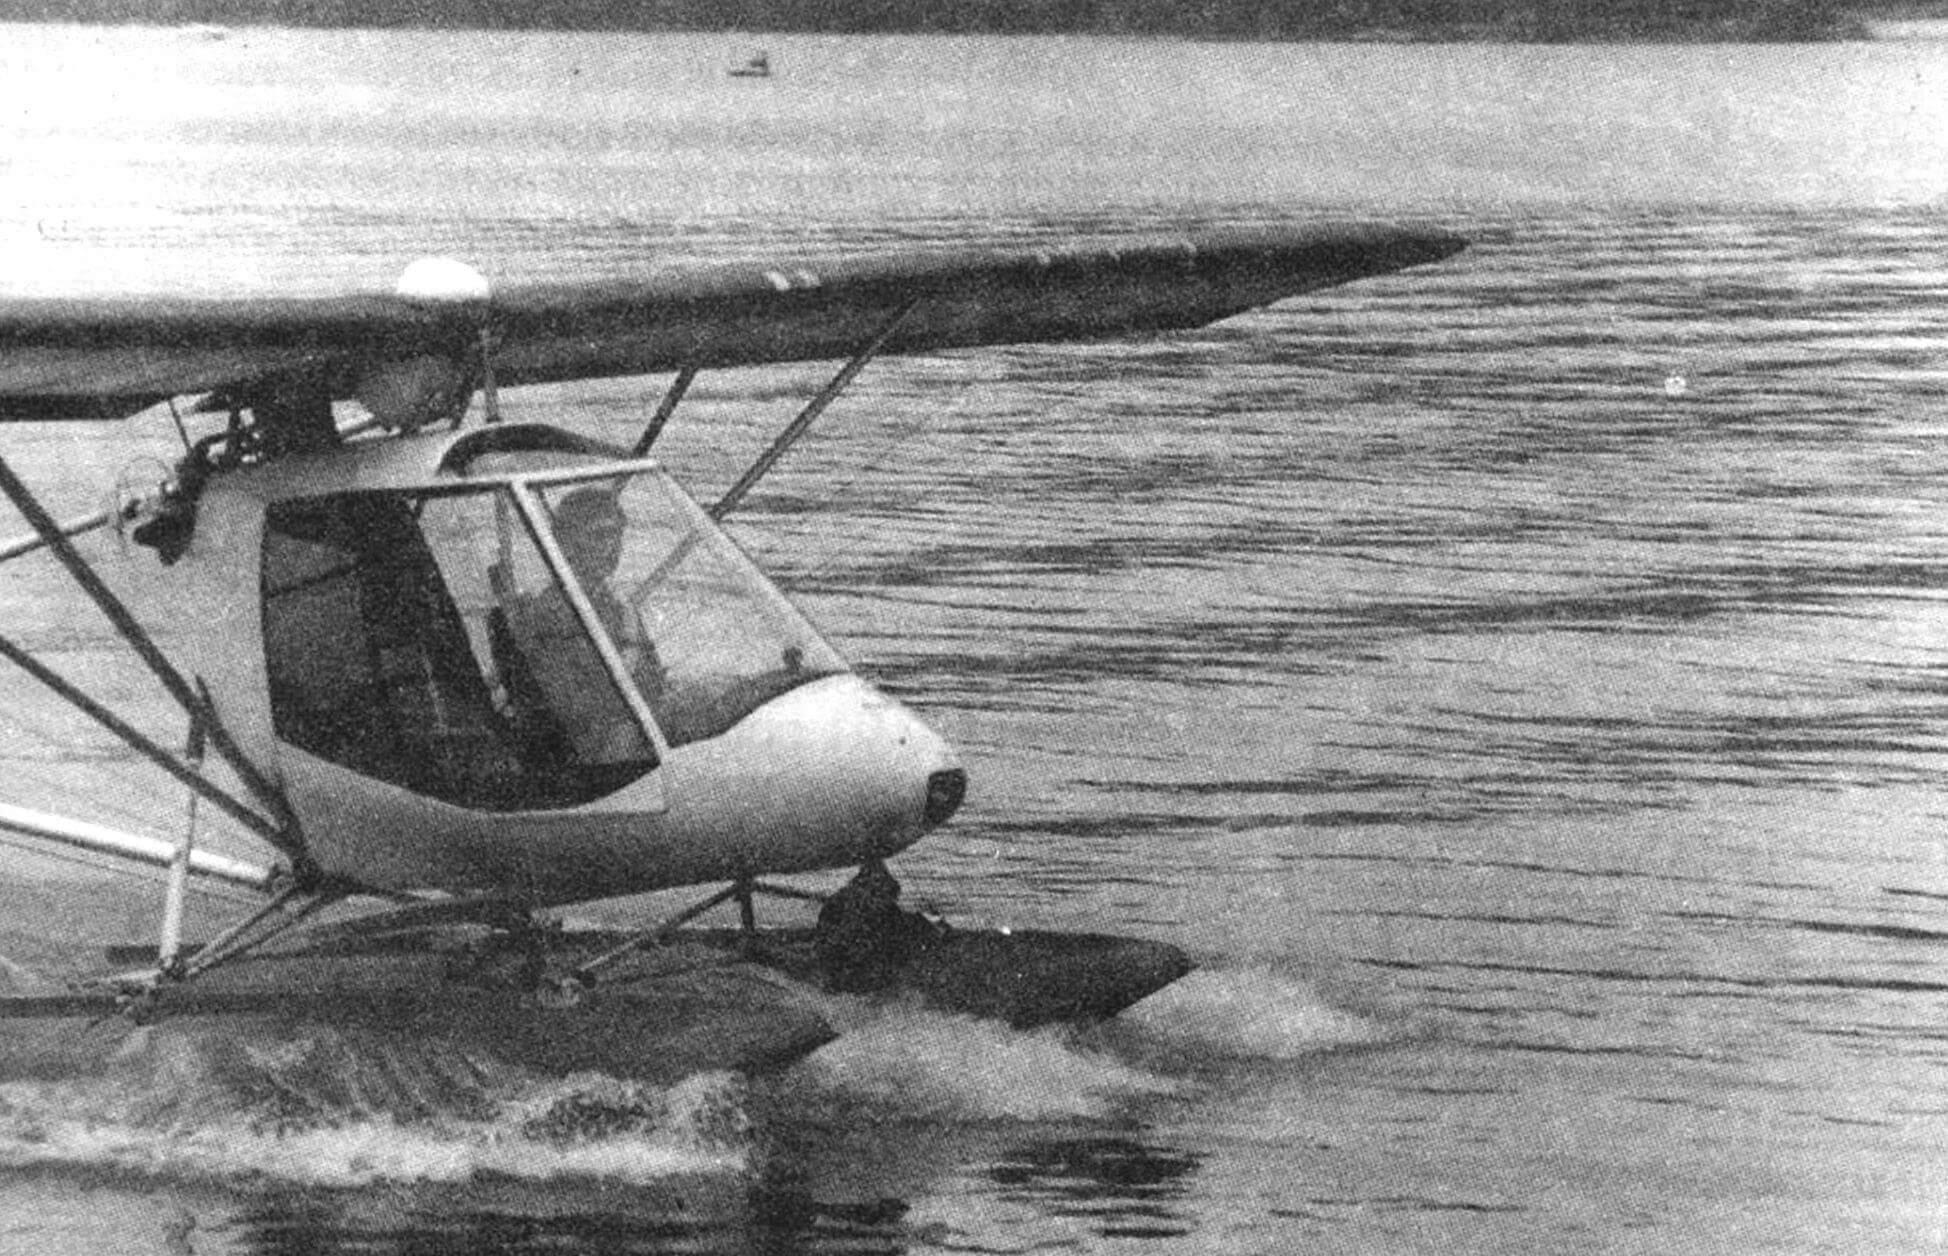 С поплавками «Птенец-2» становится гидросамолетом. В кабине — пилот Ю.Бушуев